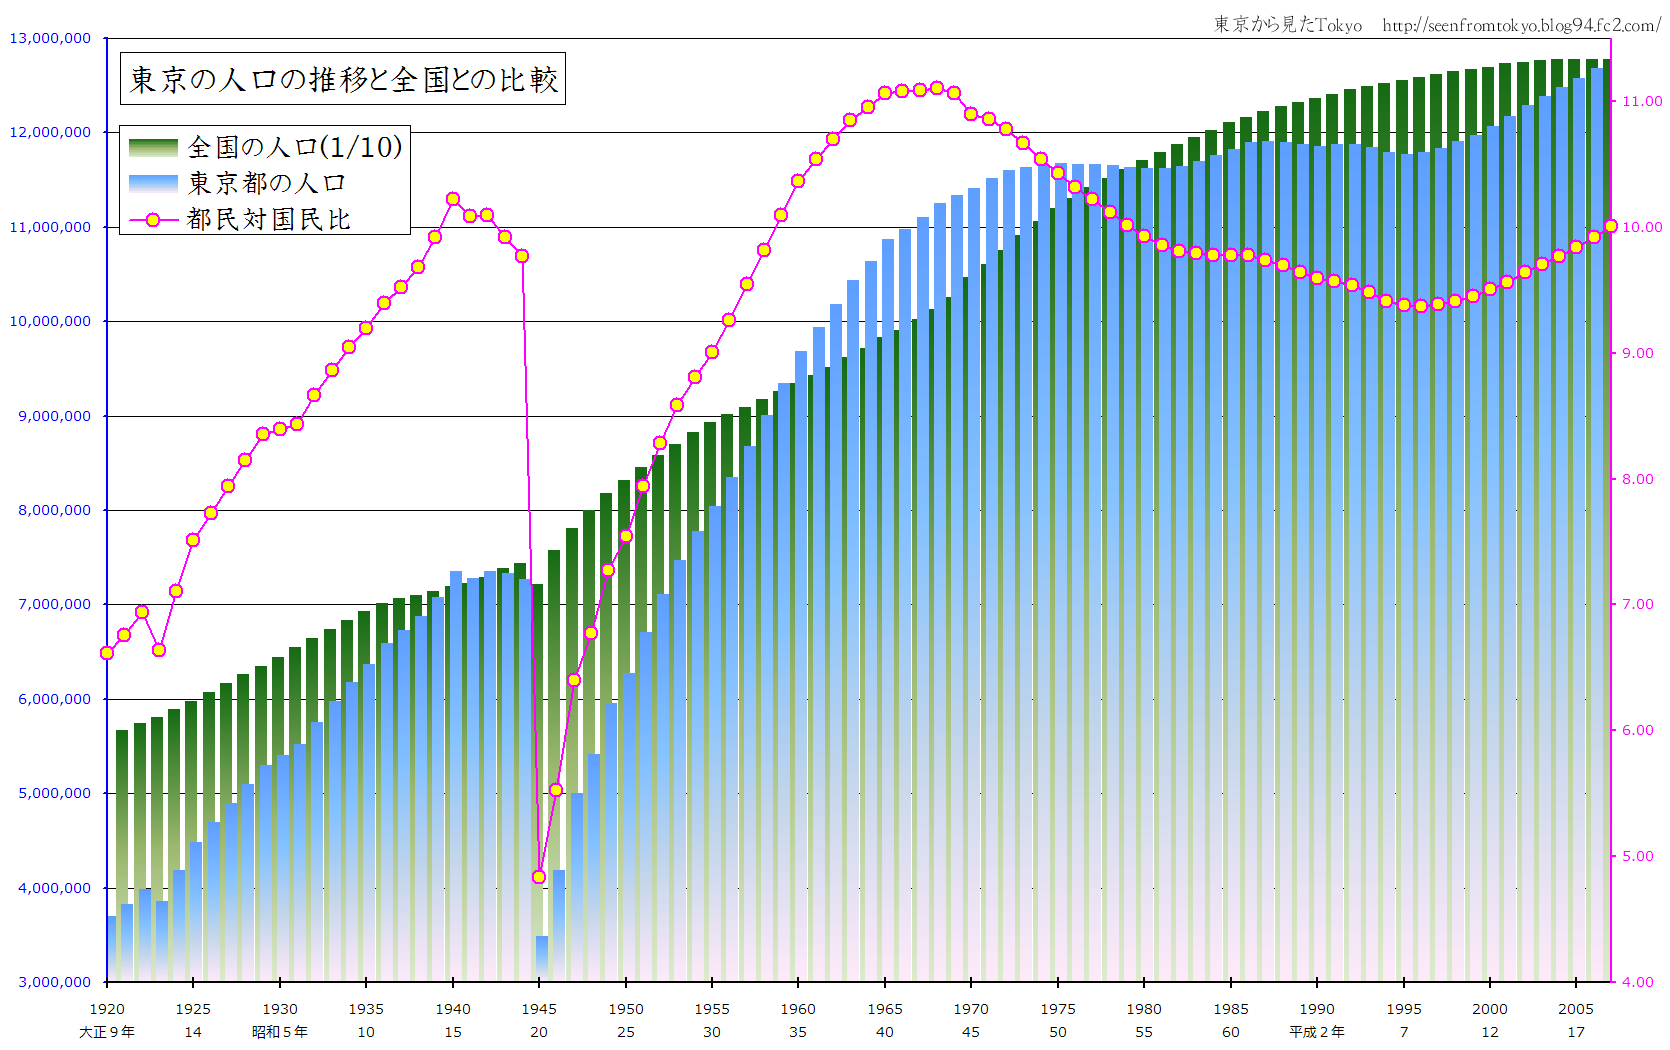 大正9年からの東京と日本の人口